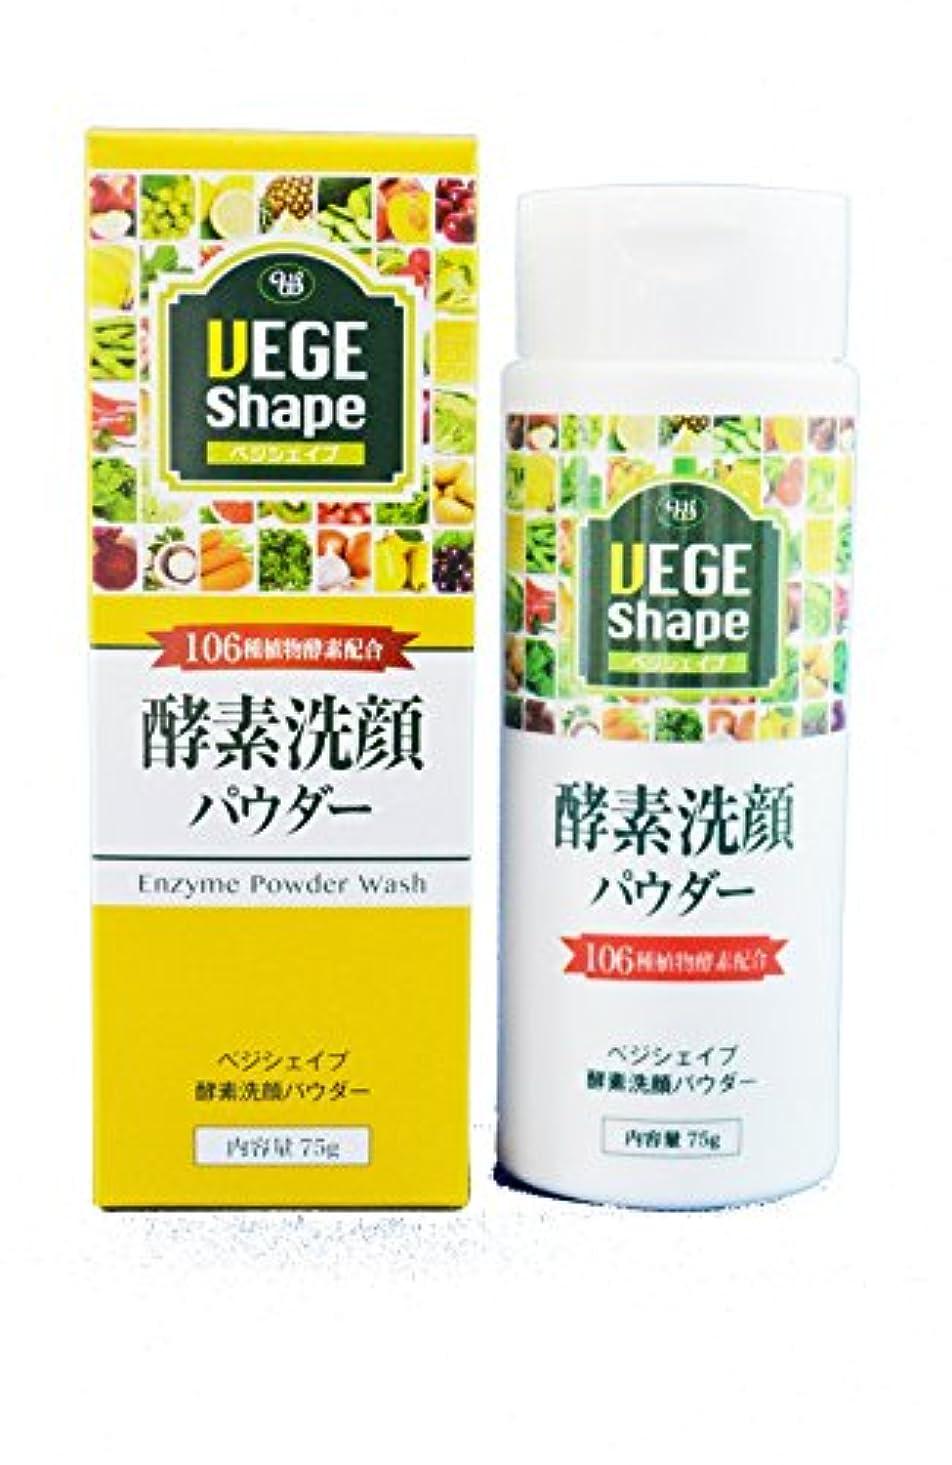 士気哀れなシンポジウムVEGE Shape Powder Wash ベジシェイプ 洗顔パウダー 75g